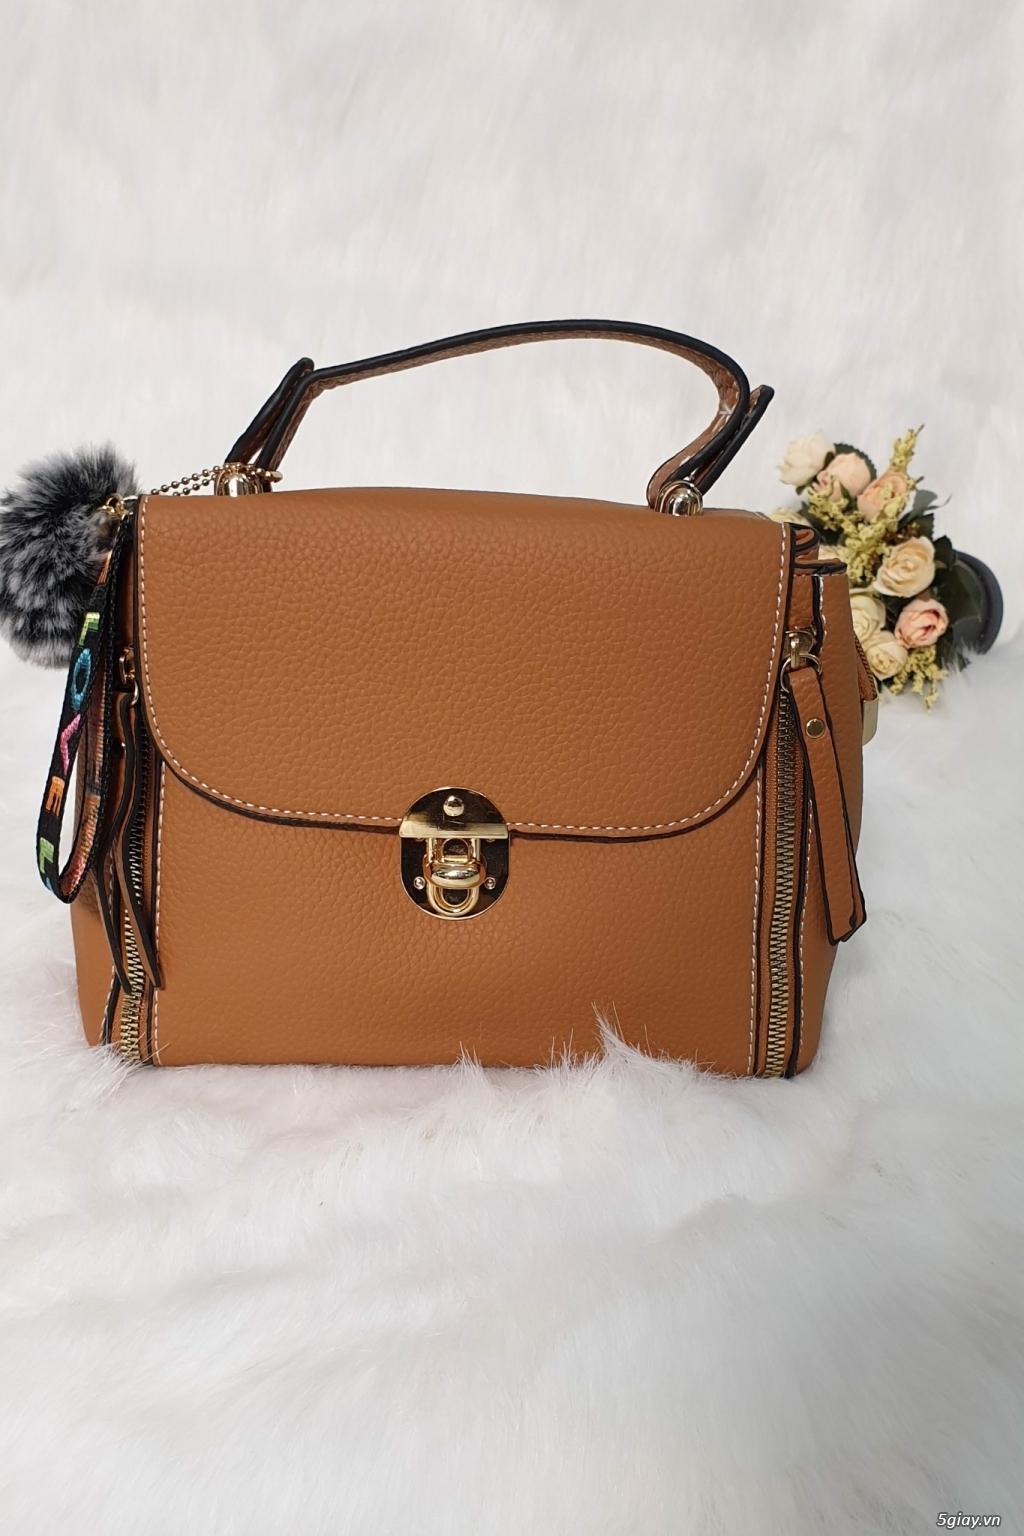 Wal House Fashion - Bóp ví túi xách thời trang - Giá ưu đãi - 16